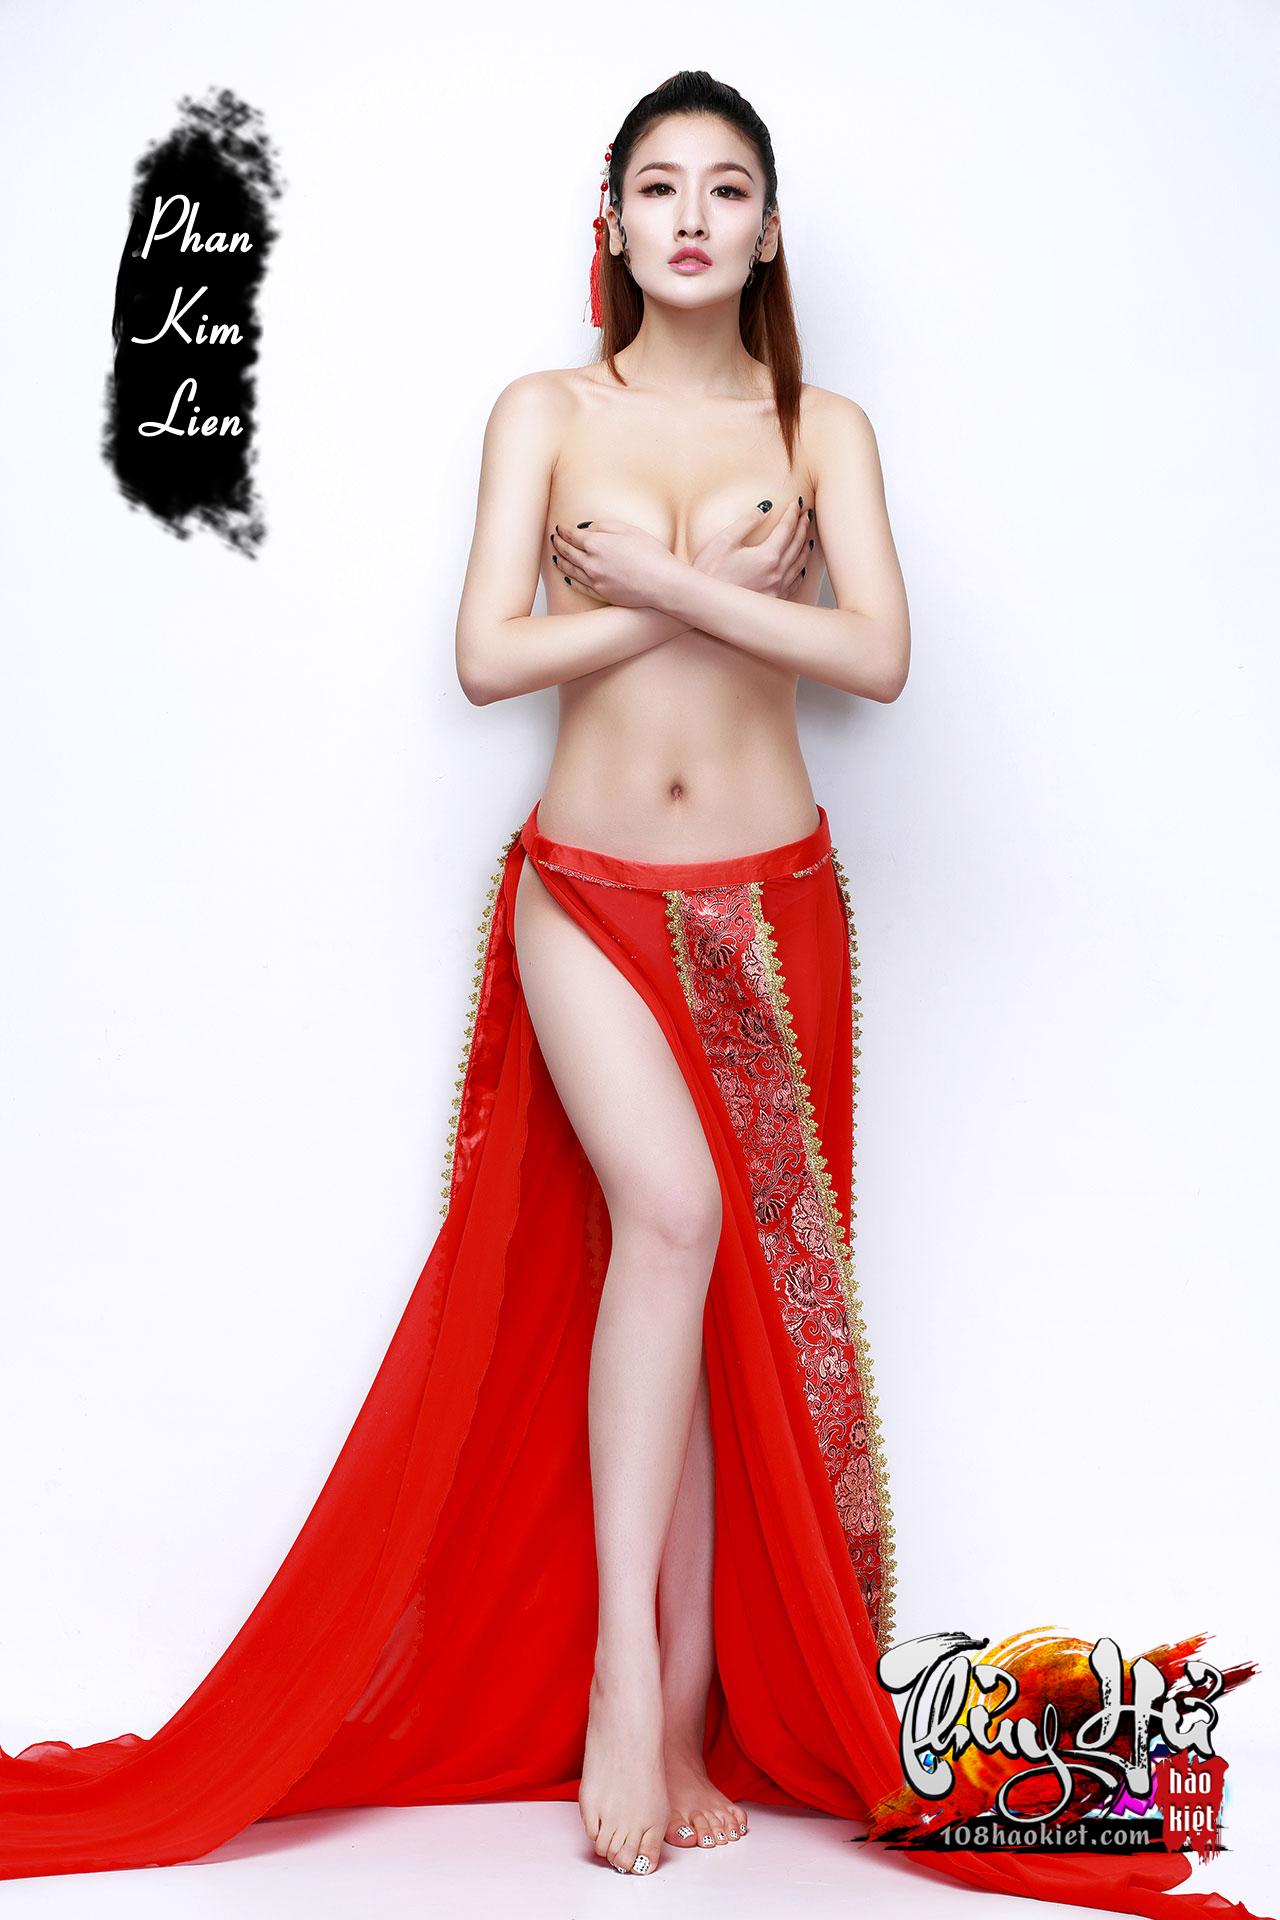 """Ngắm cosplay """"xôi thịt"""" của Thủy Hử Hào Kiệt - Ảnh 6"""